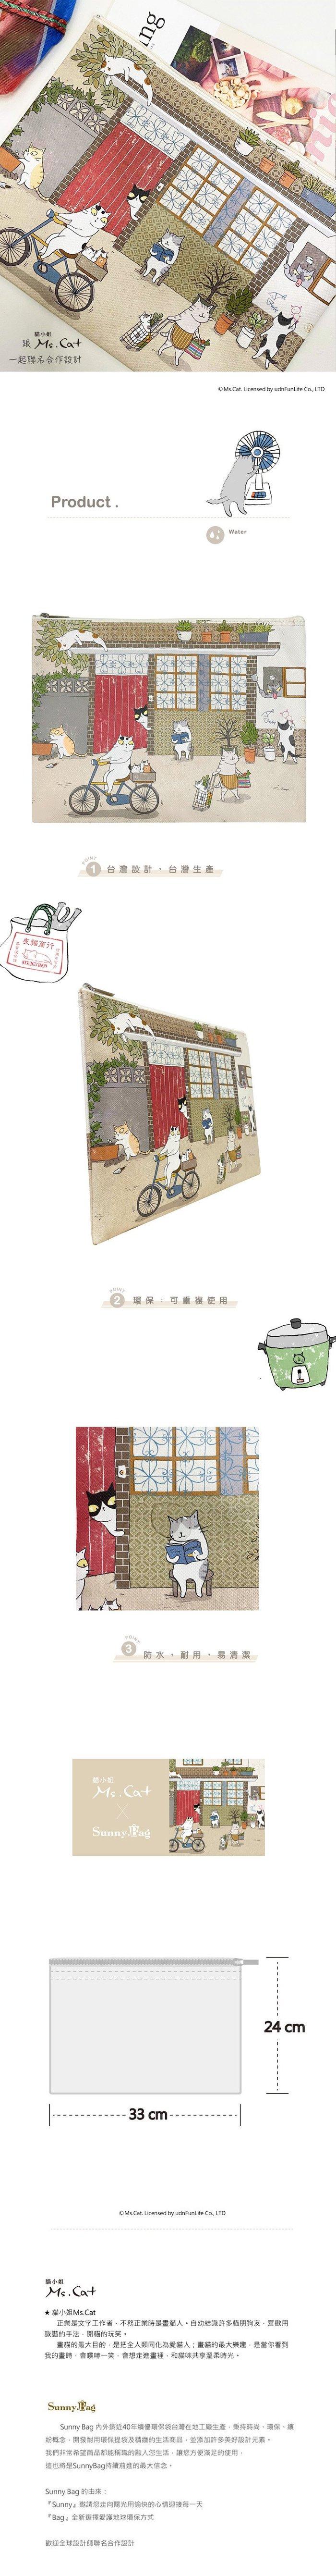 (複製)Sunny Bag 貓小姐Ms.Cat-化妝包_台灣貓日子-夏天吃瓜